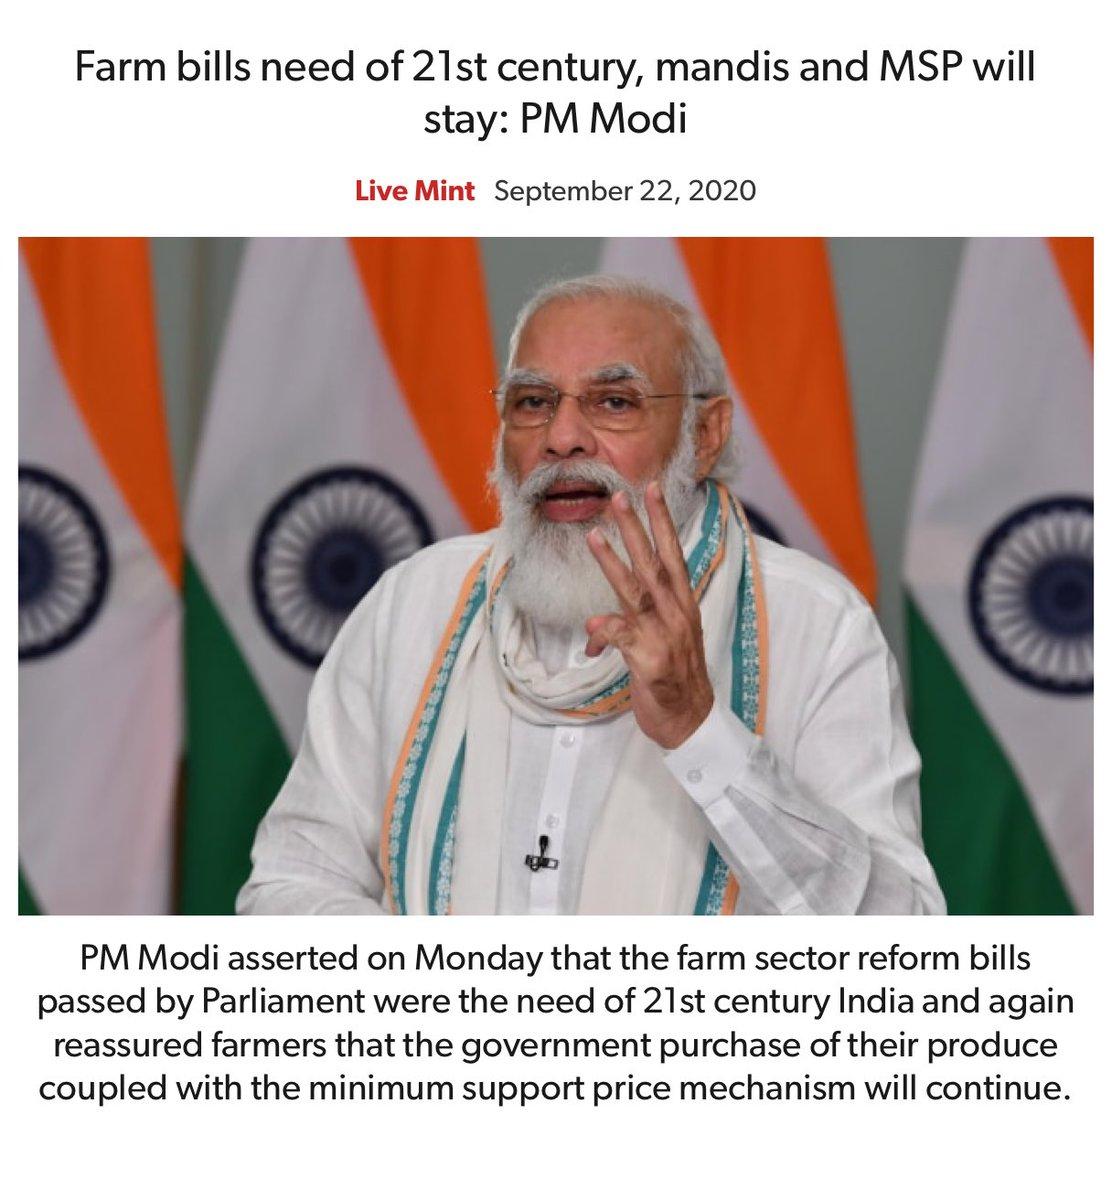 Farm bills need of 21st century, mandis and MSP will stay: PM Modi https://t.co/L0YXTJFFo4  via NaMo App https://t.co/6qlvzGQ9eM